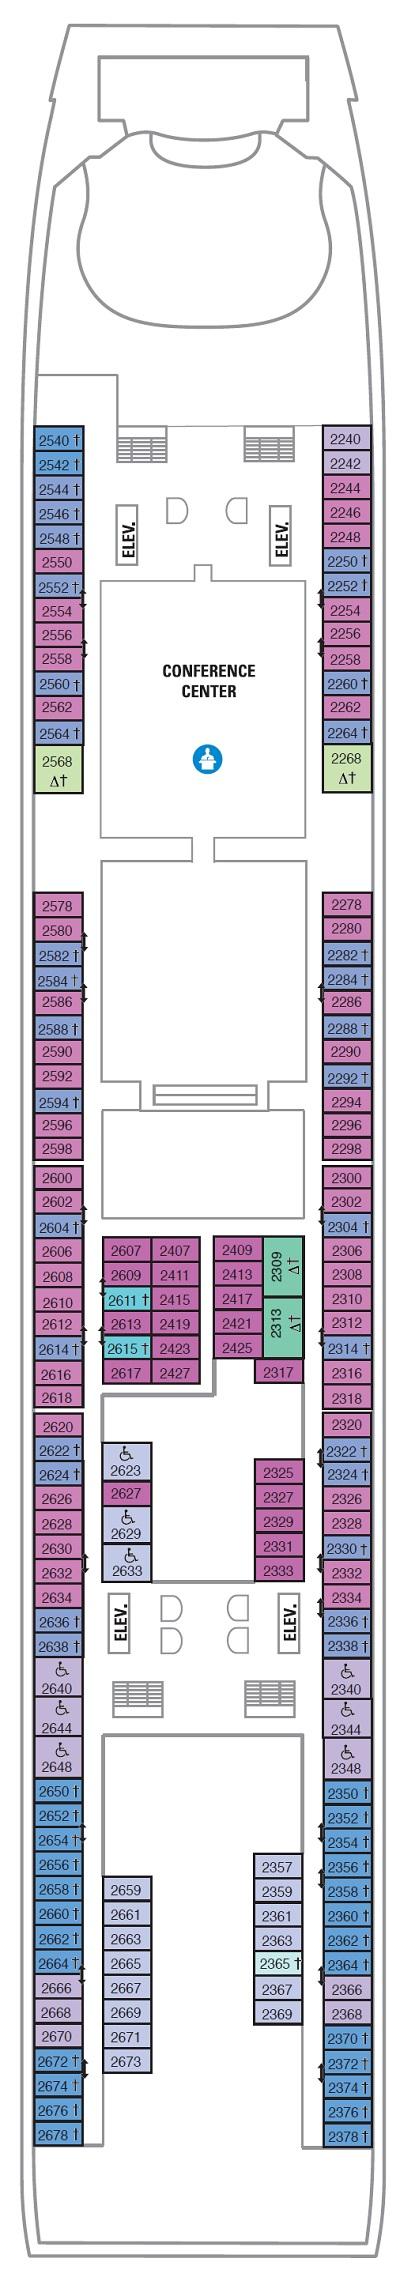 Deck 2 (starts 5-17-18)